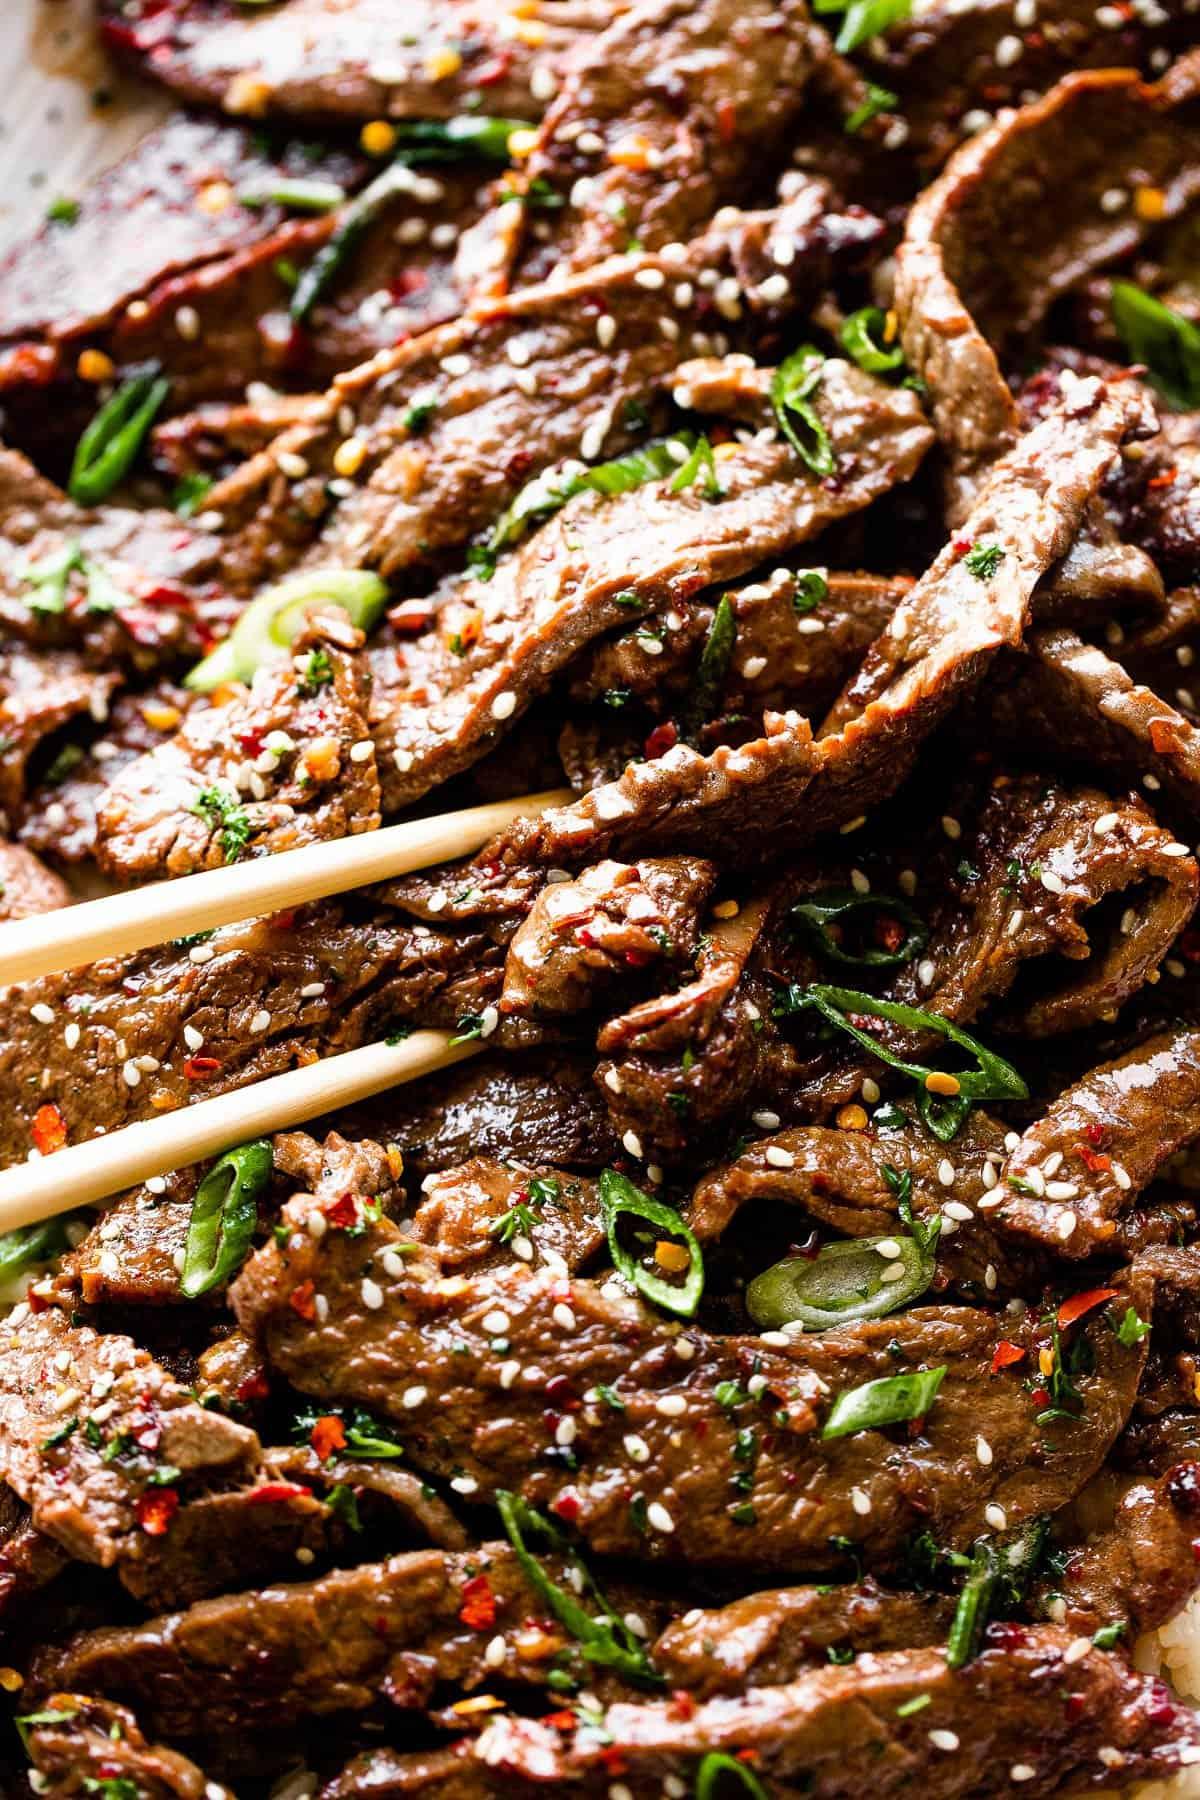 picking up beef bulgogi with chopsticks